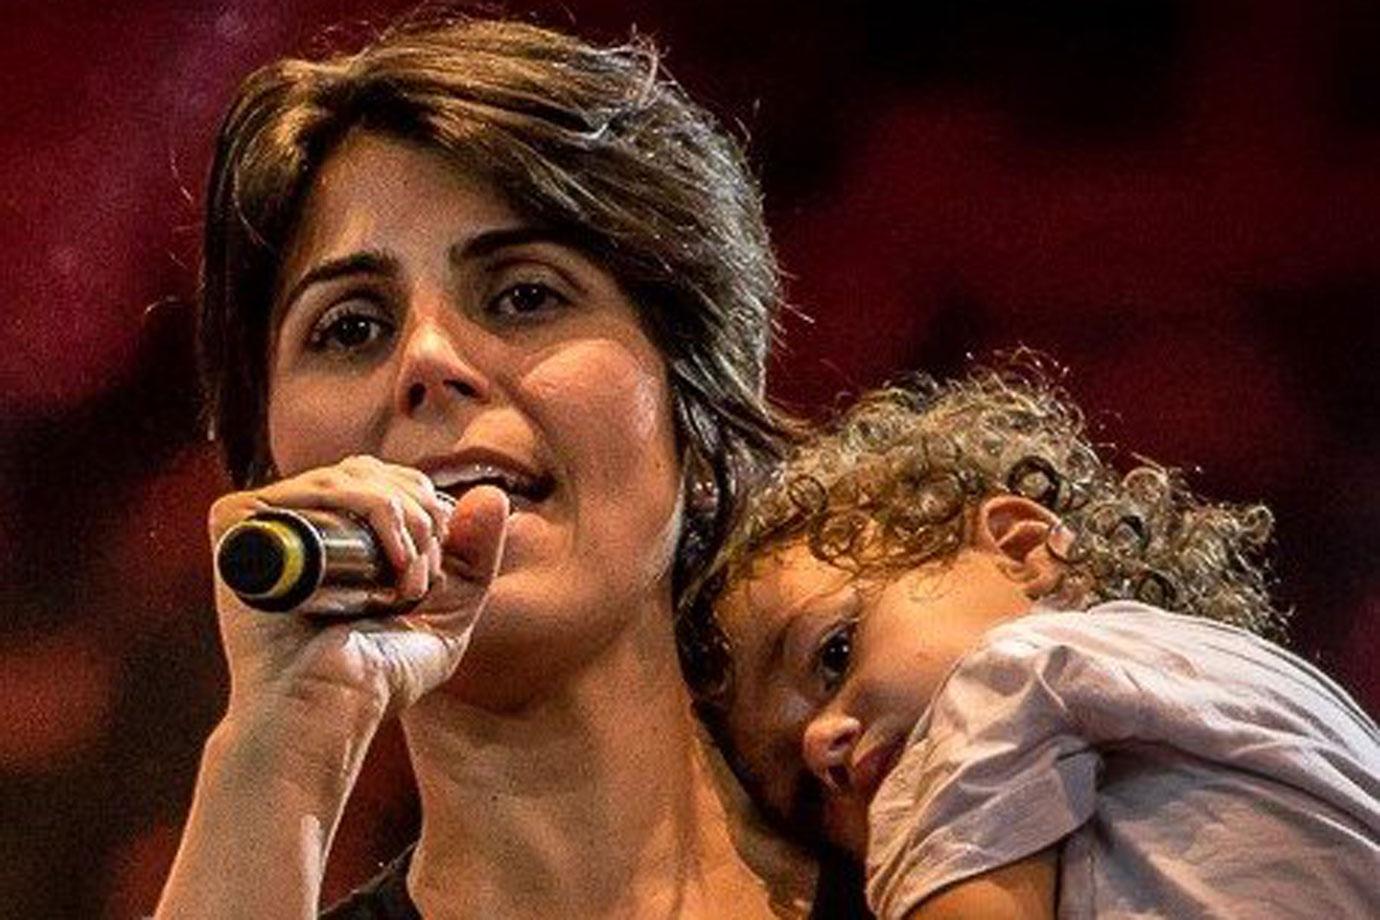 """manuela davila laura - Manuela D'Ávila relata ameaças de estupro contra sua filha de 5 anos: """"Gente inescrupulosa!"""""""